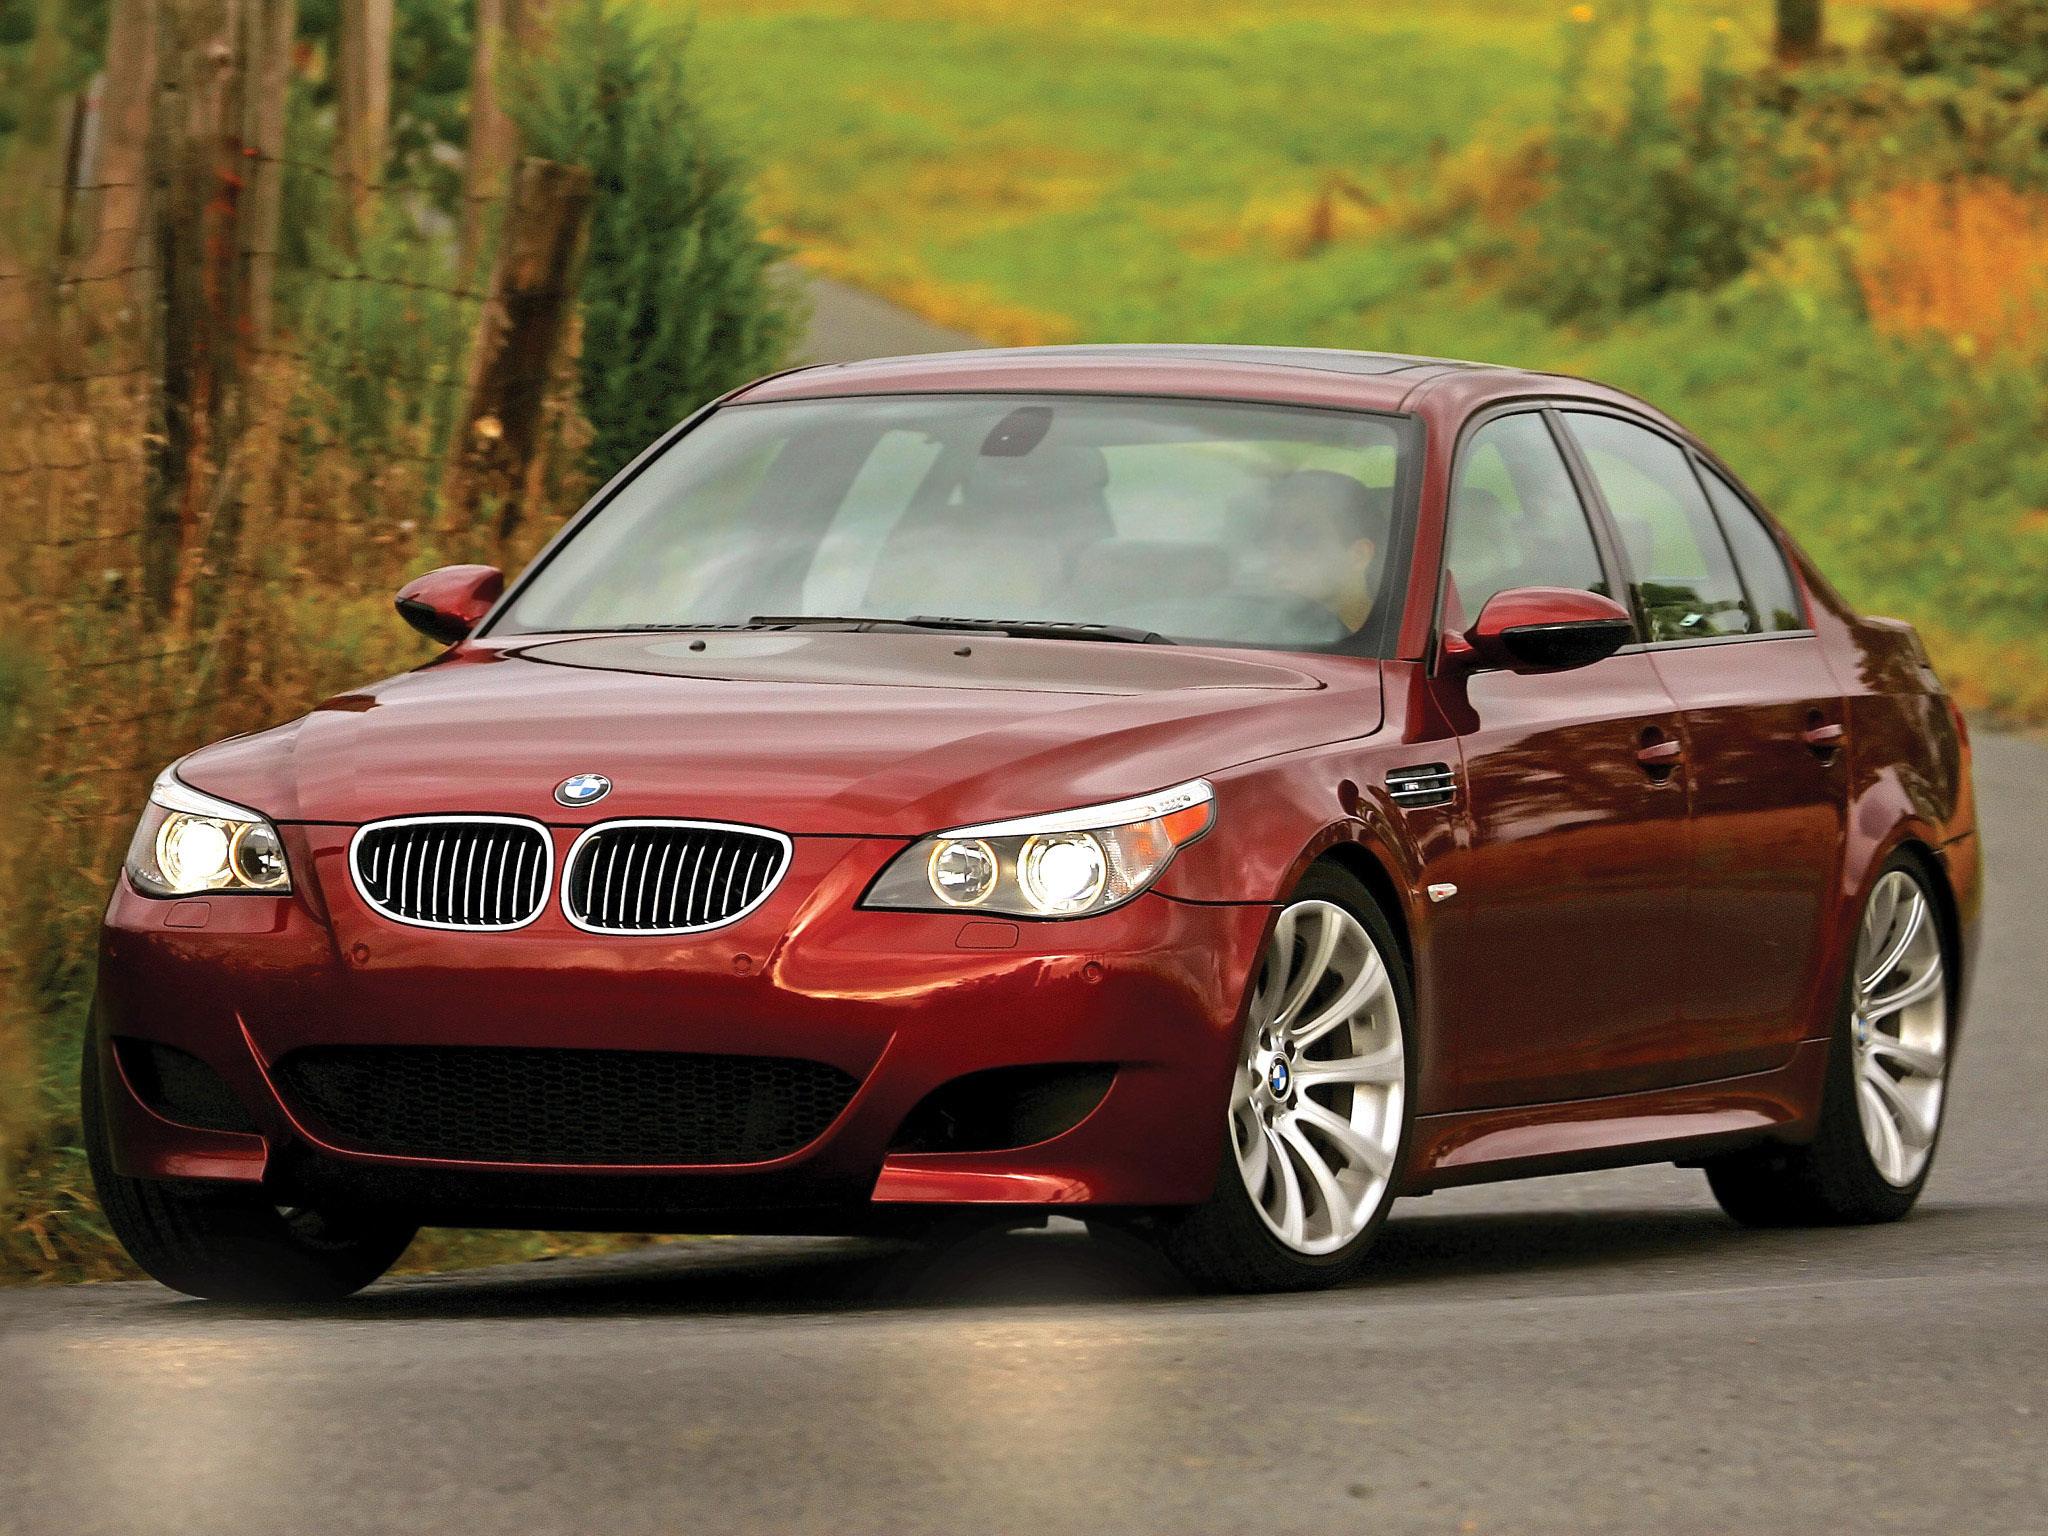 bmw m5 sedan usa e60 2004 bmw m5 sedan usa e60 2004 photo